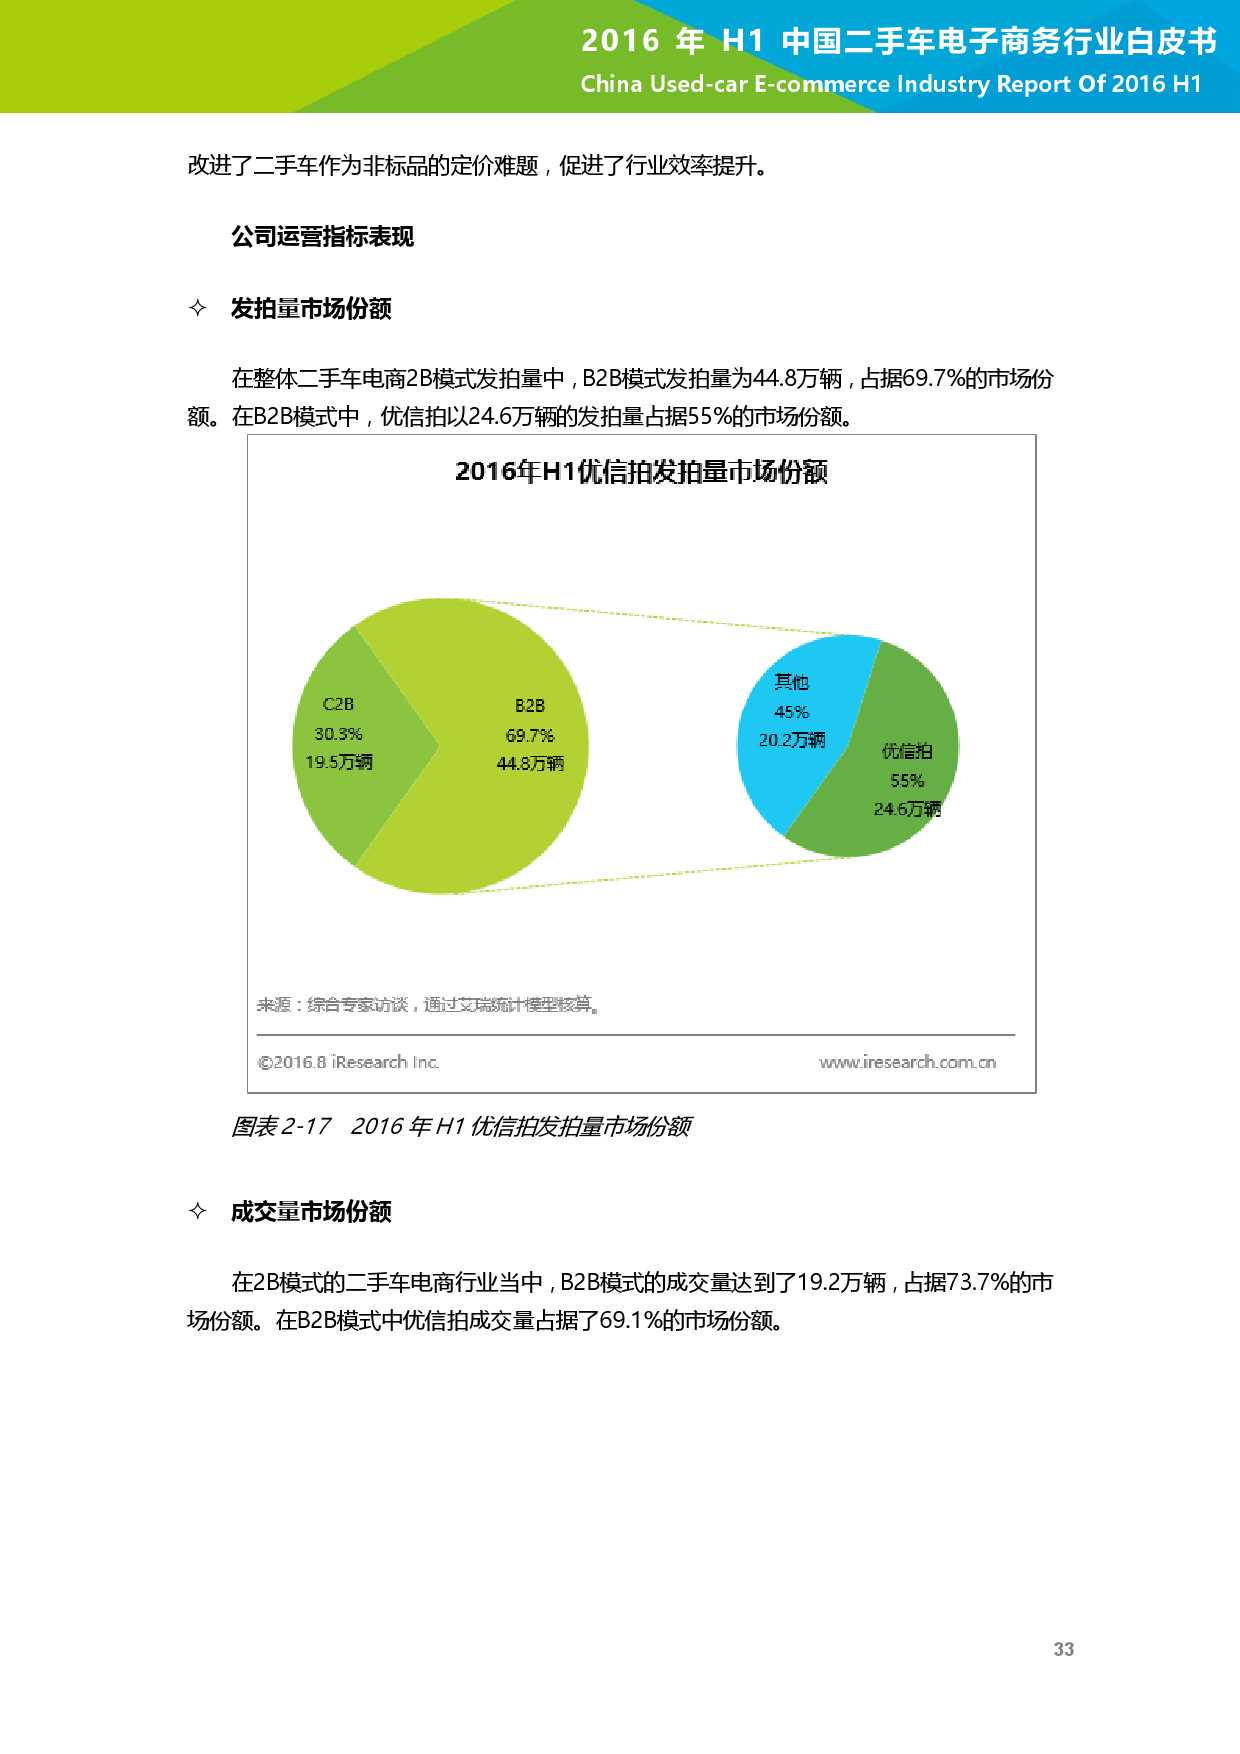 2016年H1中国二手车电子商务行业白皮书_000034